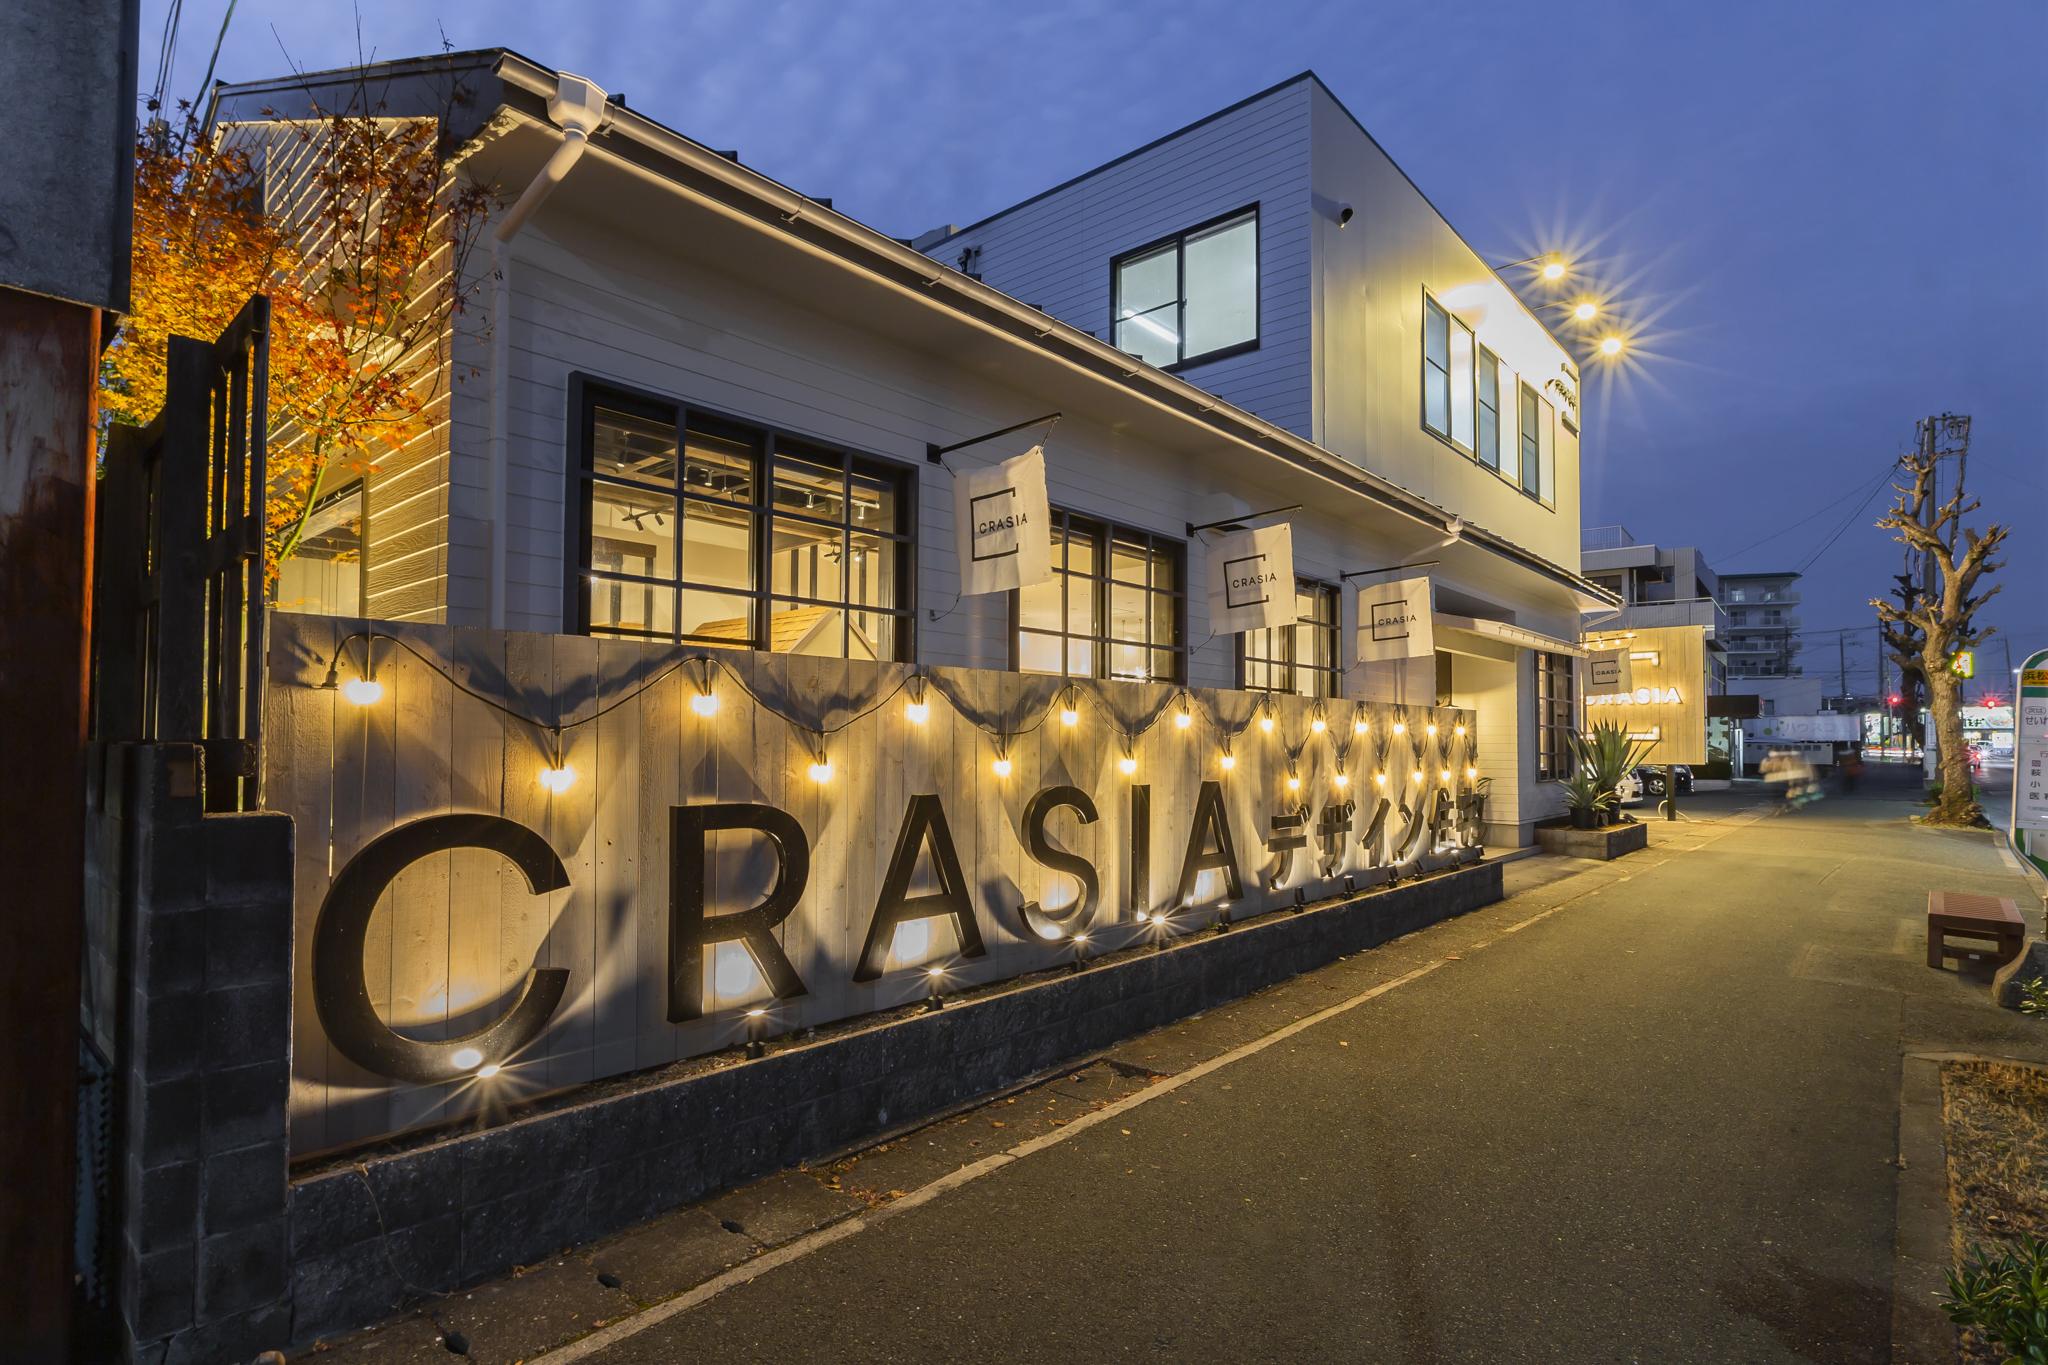 CRASIA(クラシア)のイメージ